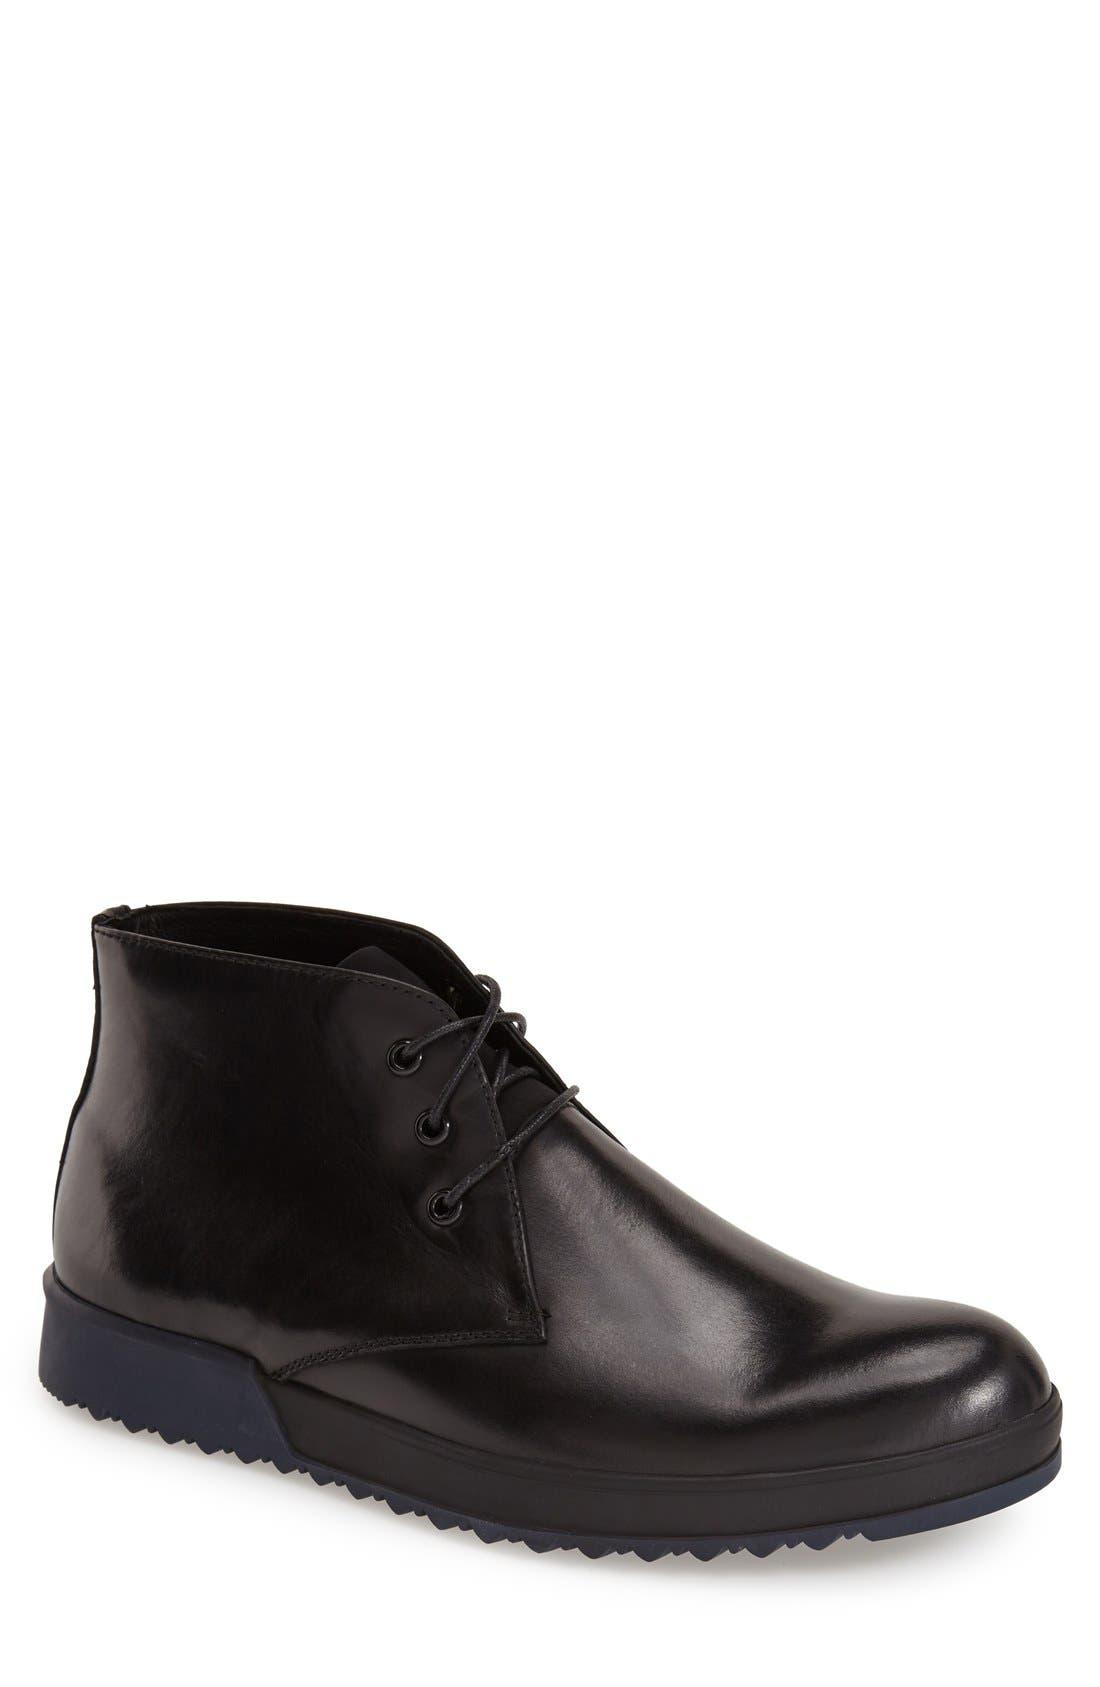 'No Regrets' Chukka Boot,                         Main,                         color, 001